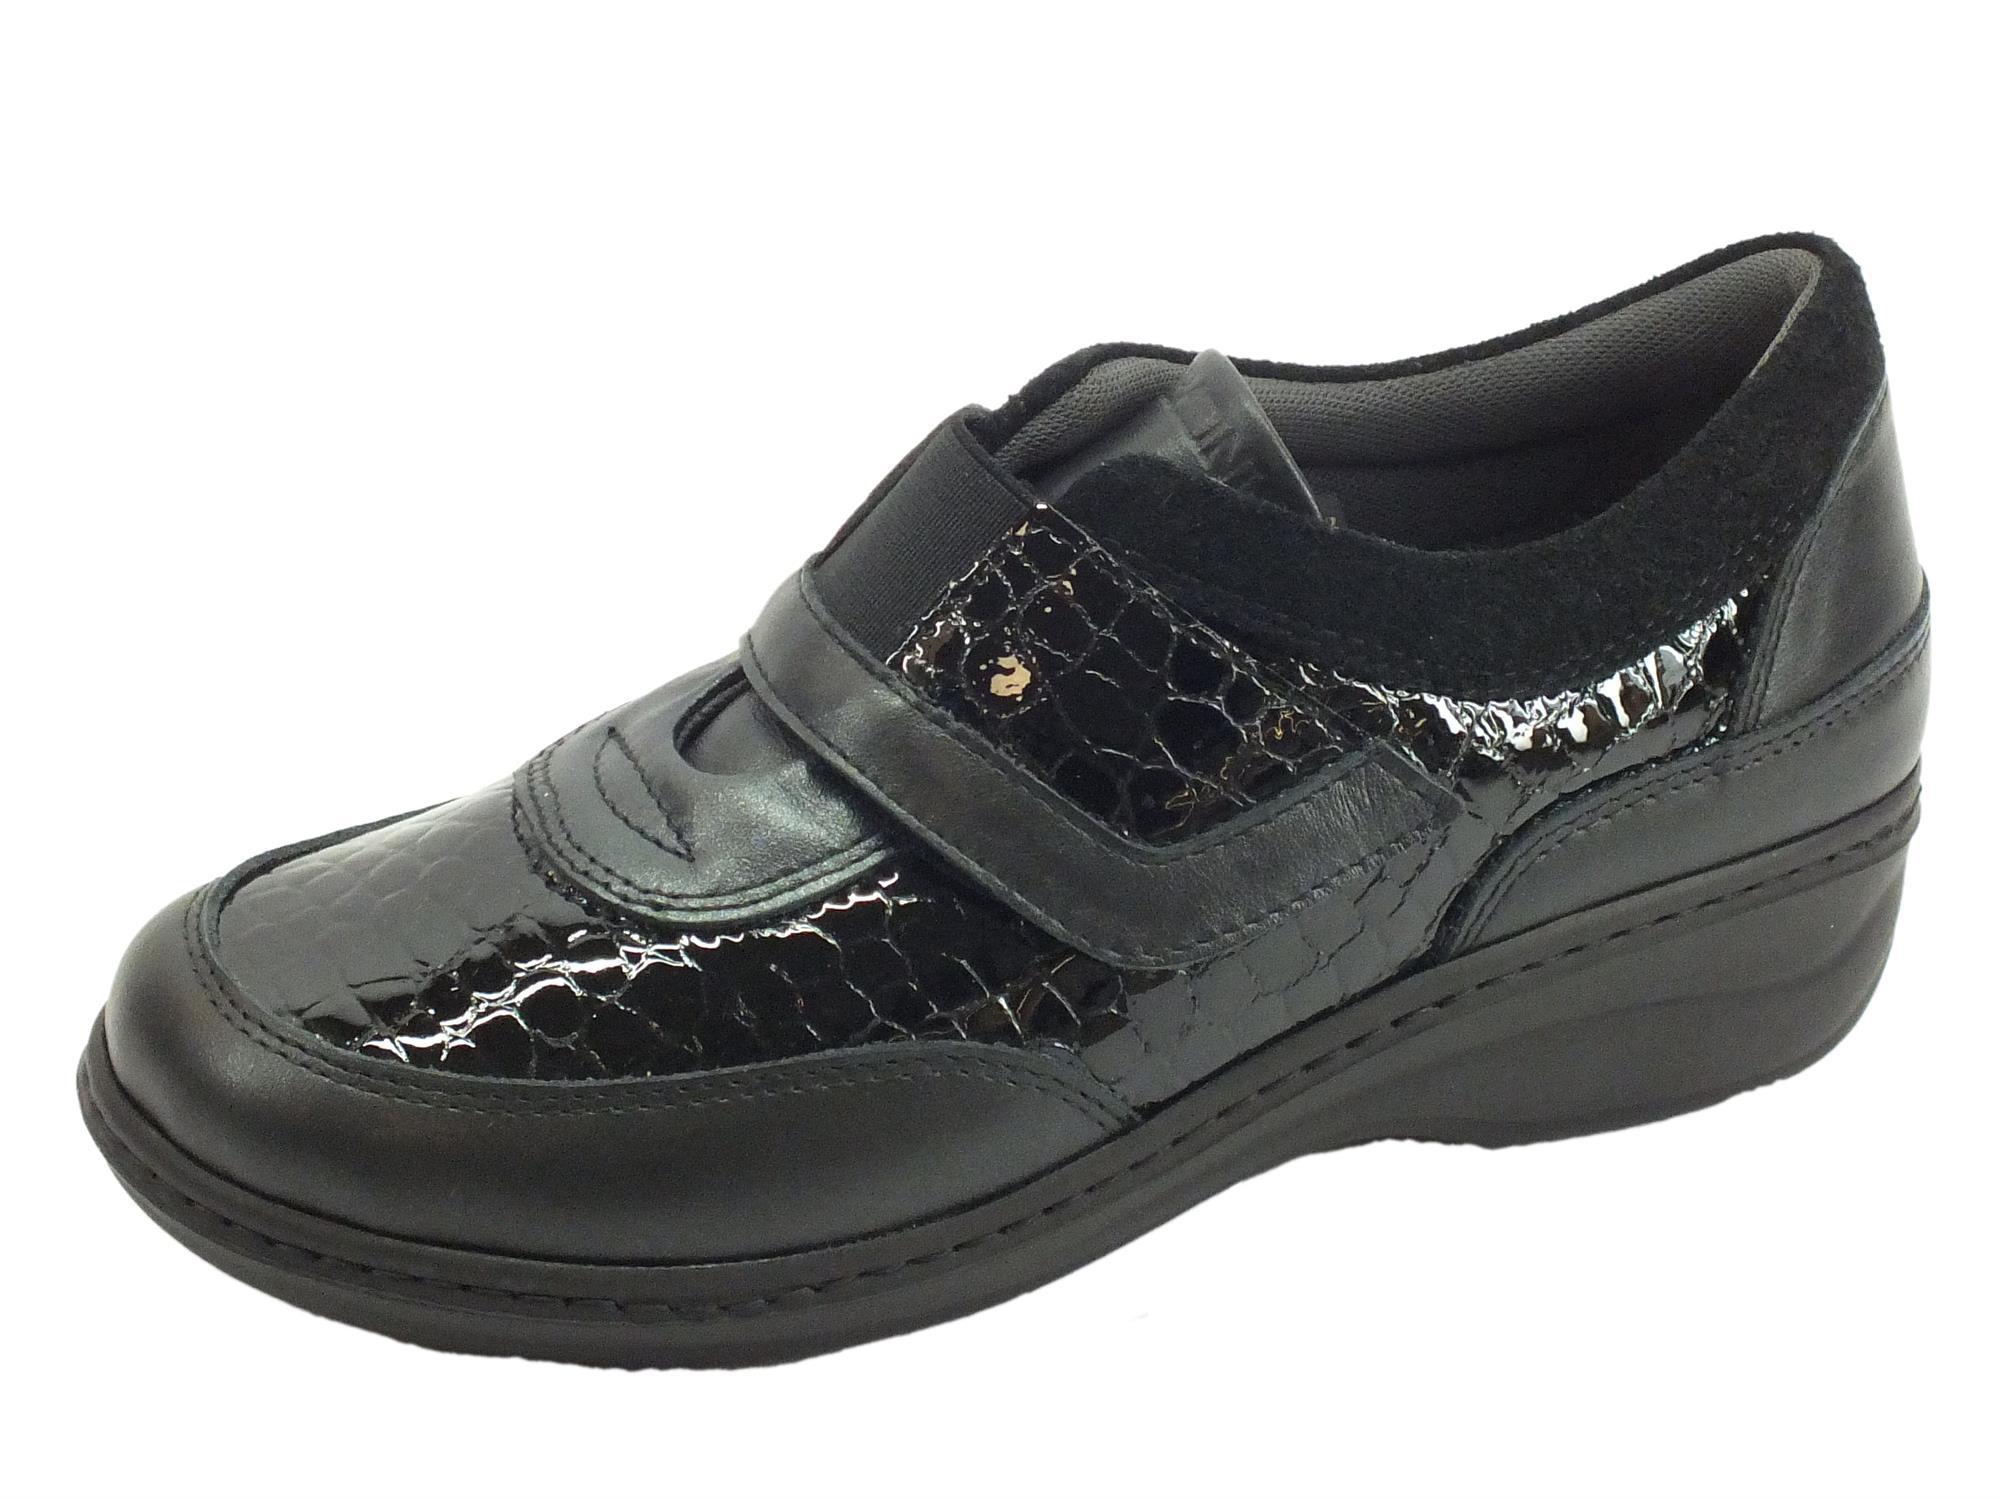 Calzature Cinzia Soft Linea Confort per donna Vitiello